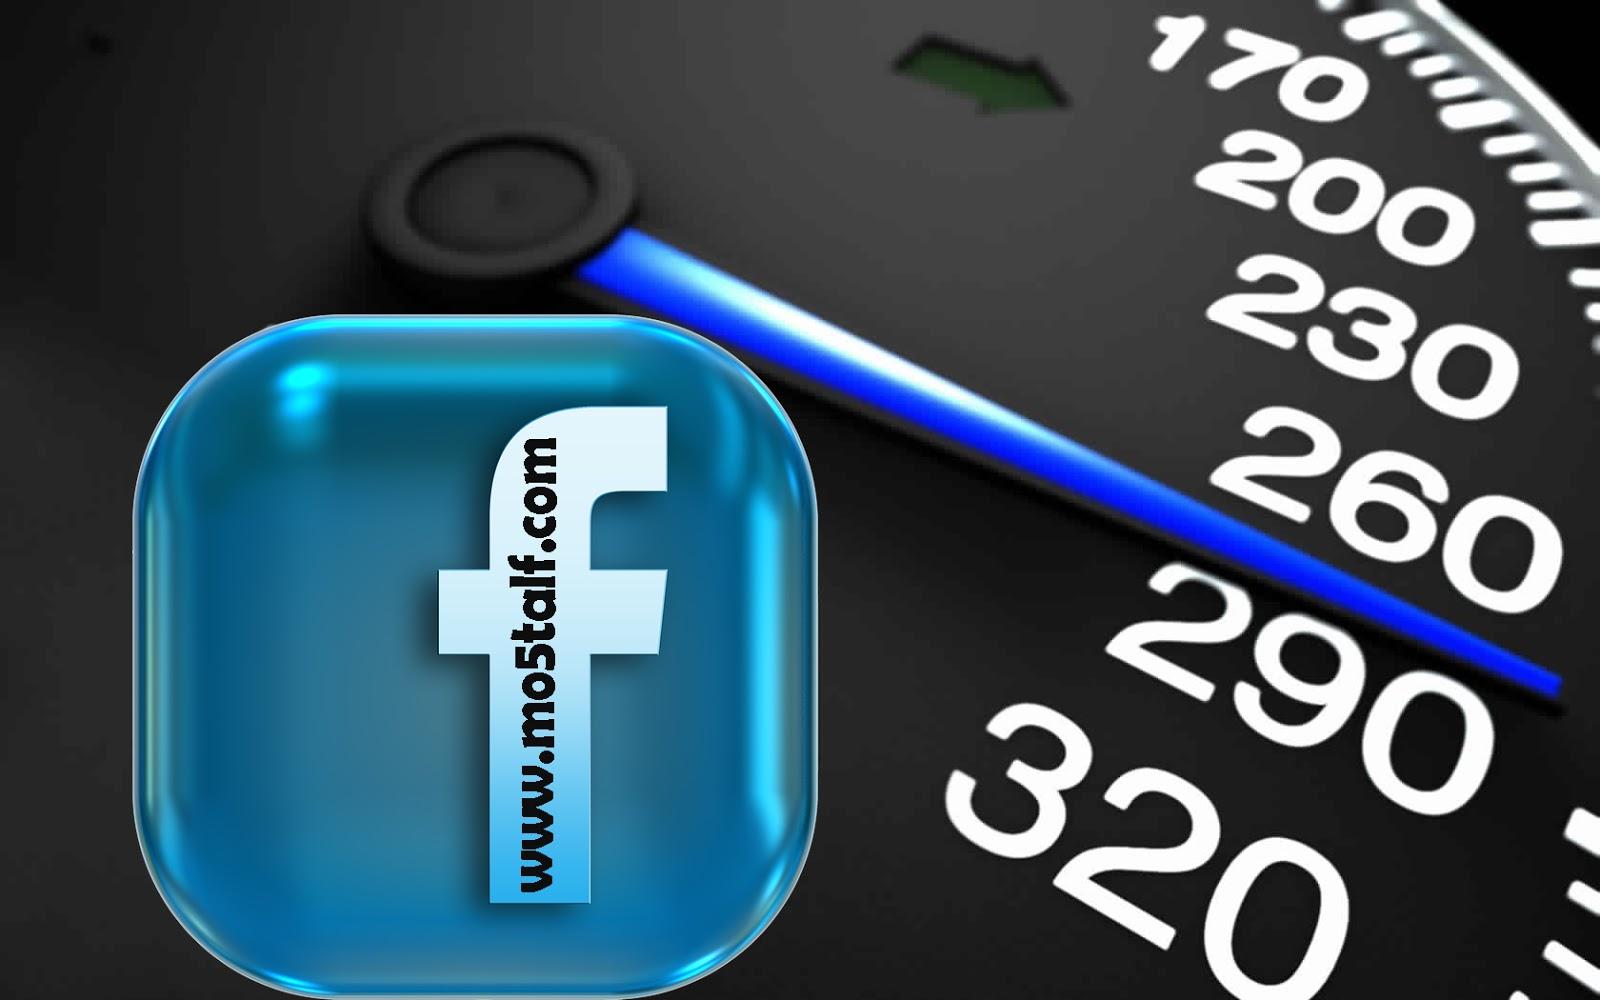 طريقة تسريع الفيسبوك علي هواتف الاندرويد